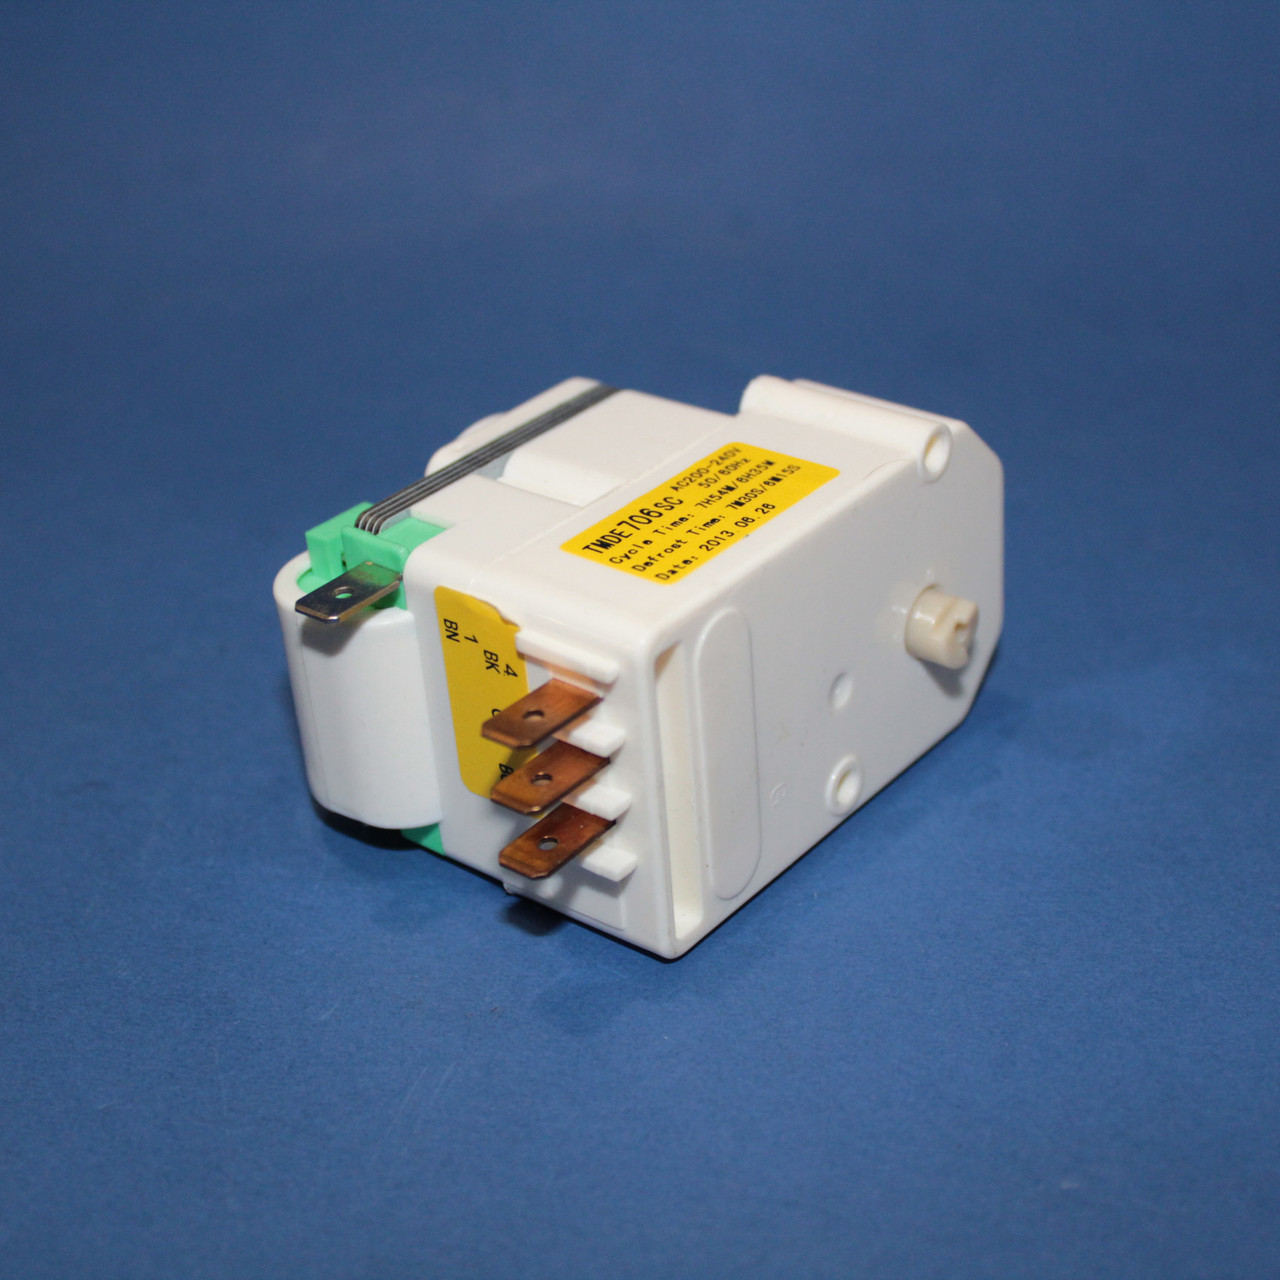 Таймер оттайки TMDE-706SC для холодильника LG 6914JB2006R